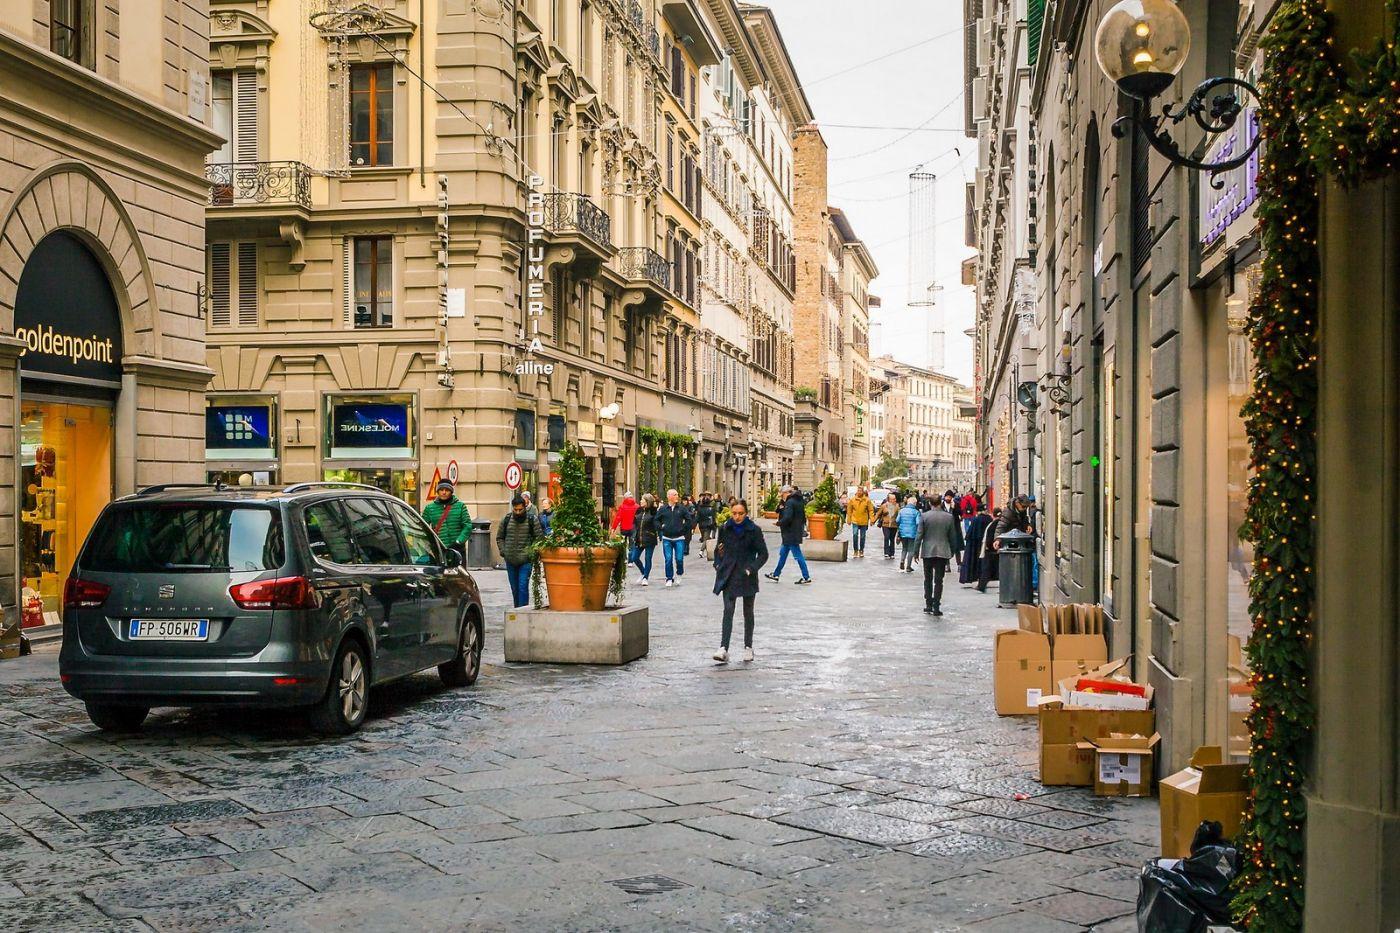 意大利佛罗伦萨(Florence),小街文化_图1-9